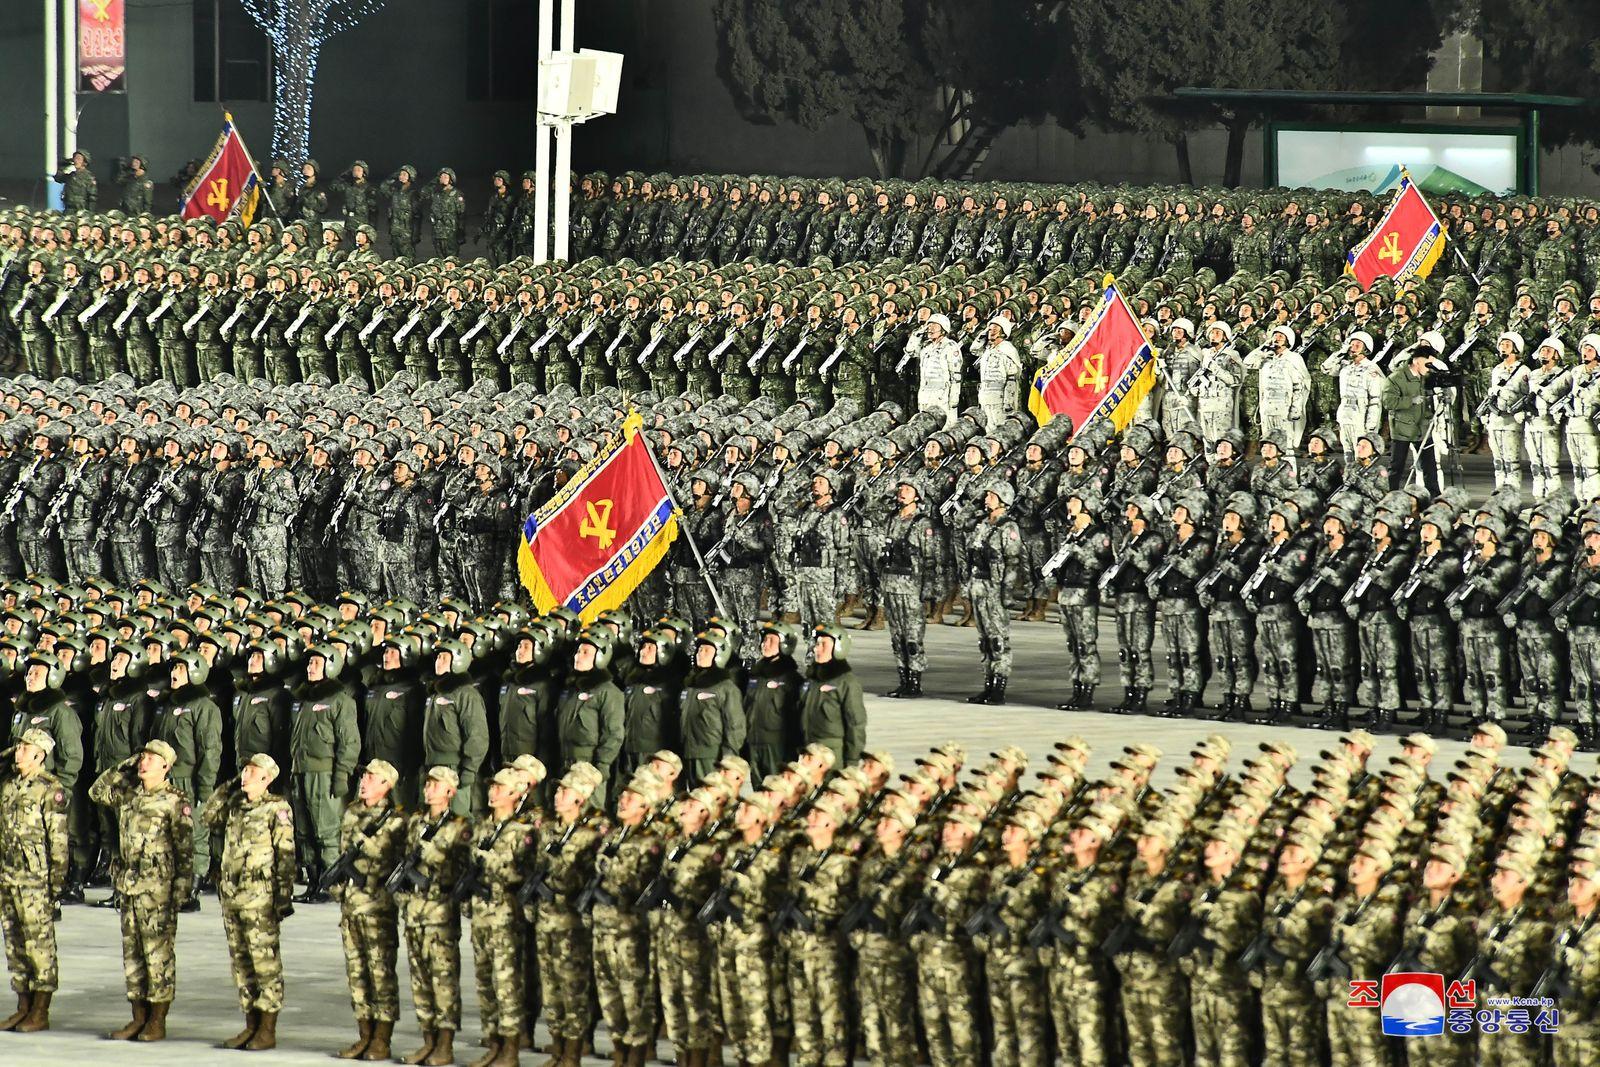 Military parade in Pyongyang, Korea - 14 Jan 2021